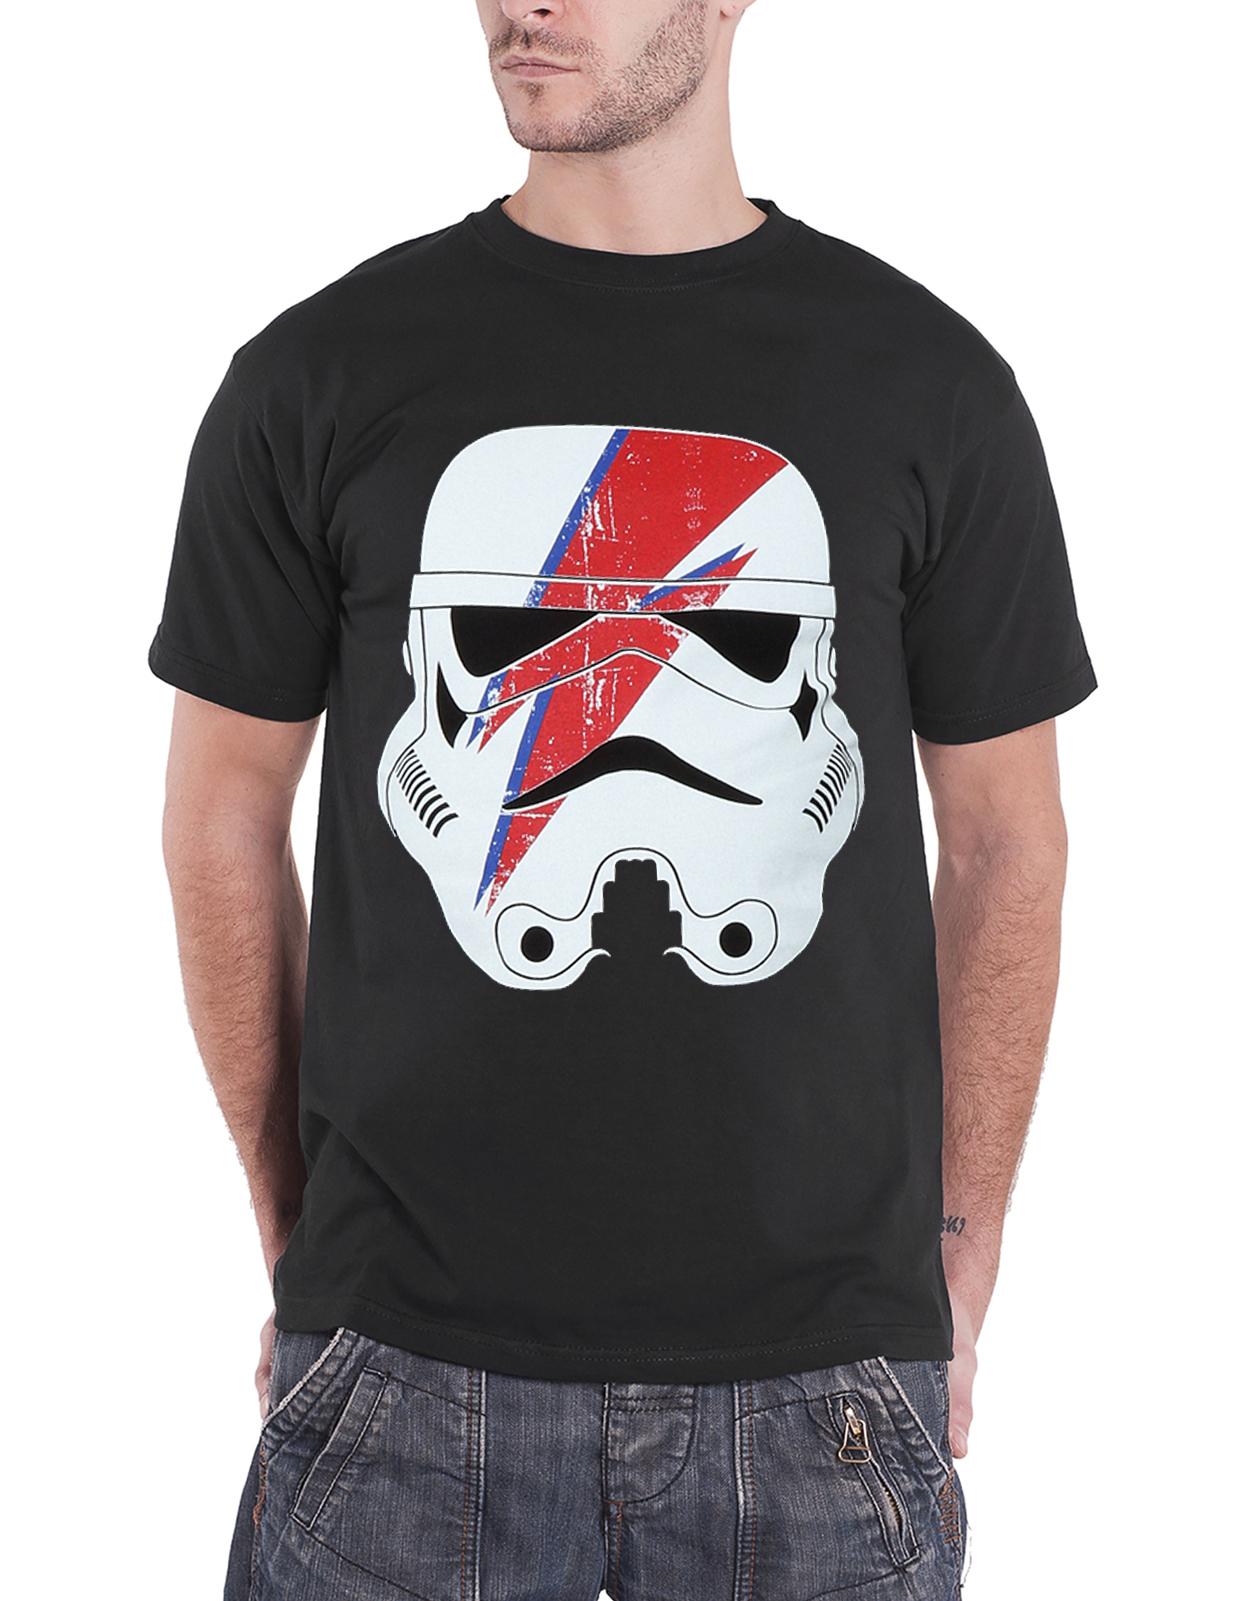 star wars t shirt last jedi stormtrooper vader han solo. Black Bedroom Furniture Sets. Home Design Ideas